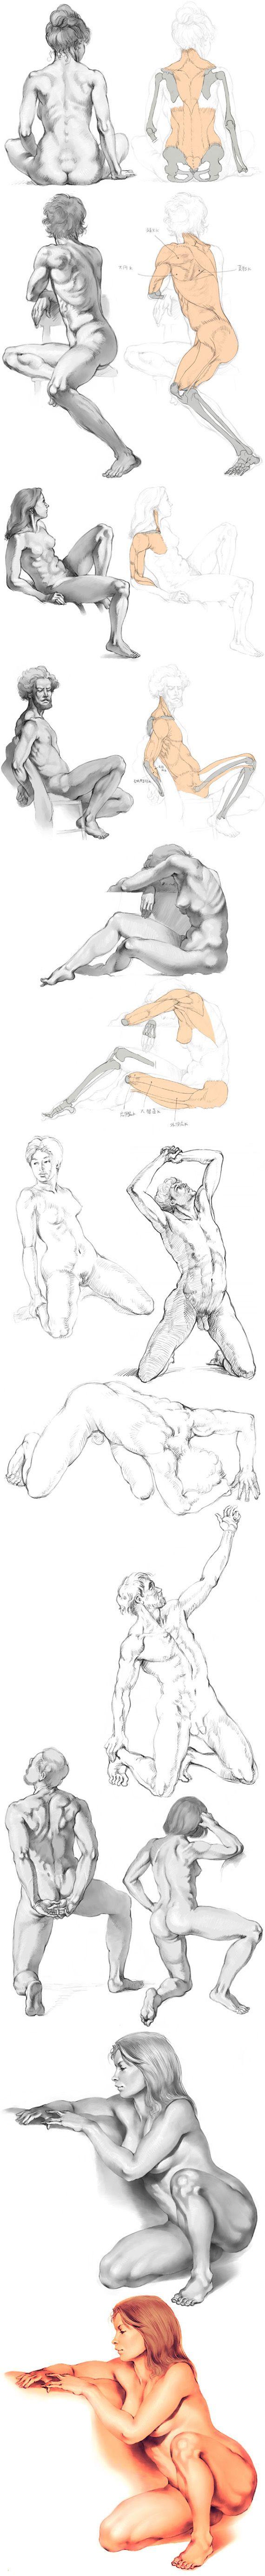 Körperstudien  KÖNNEN  Körper zeichnen  Akt zeichnen  Körperstudien